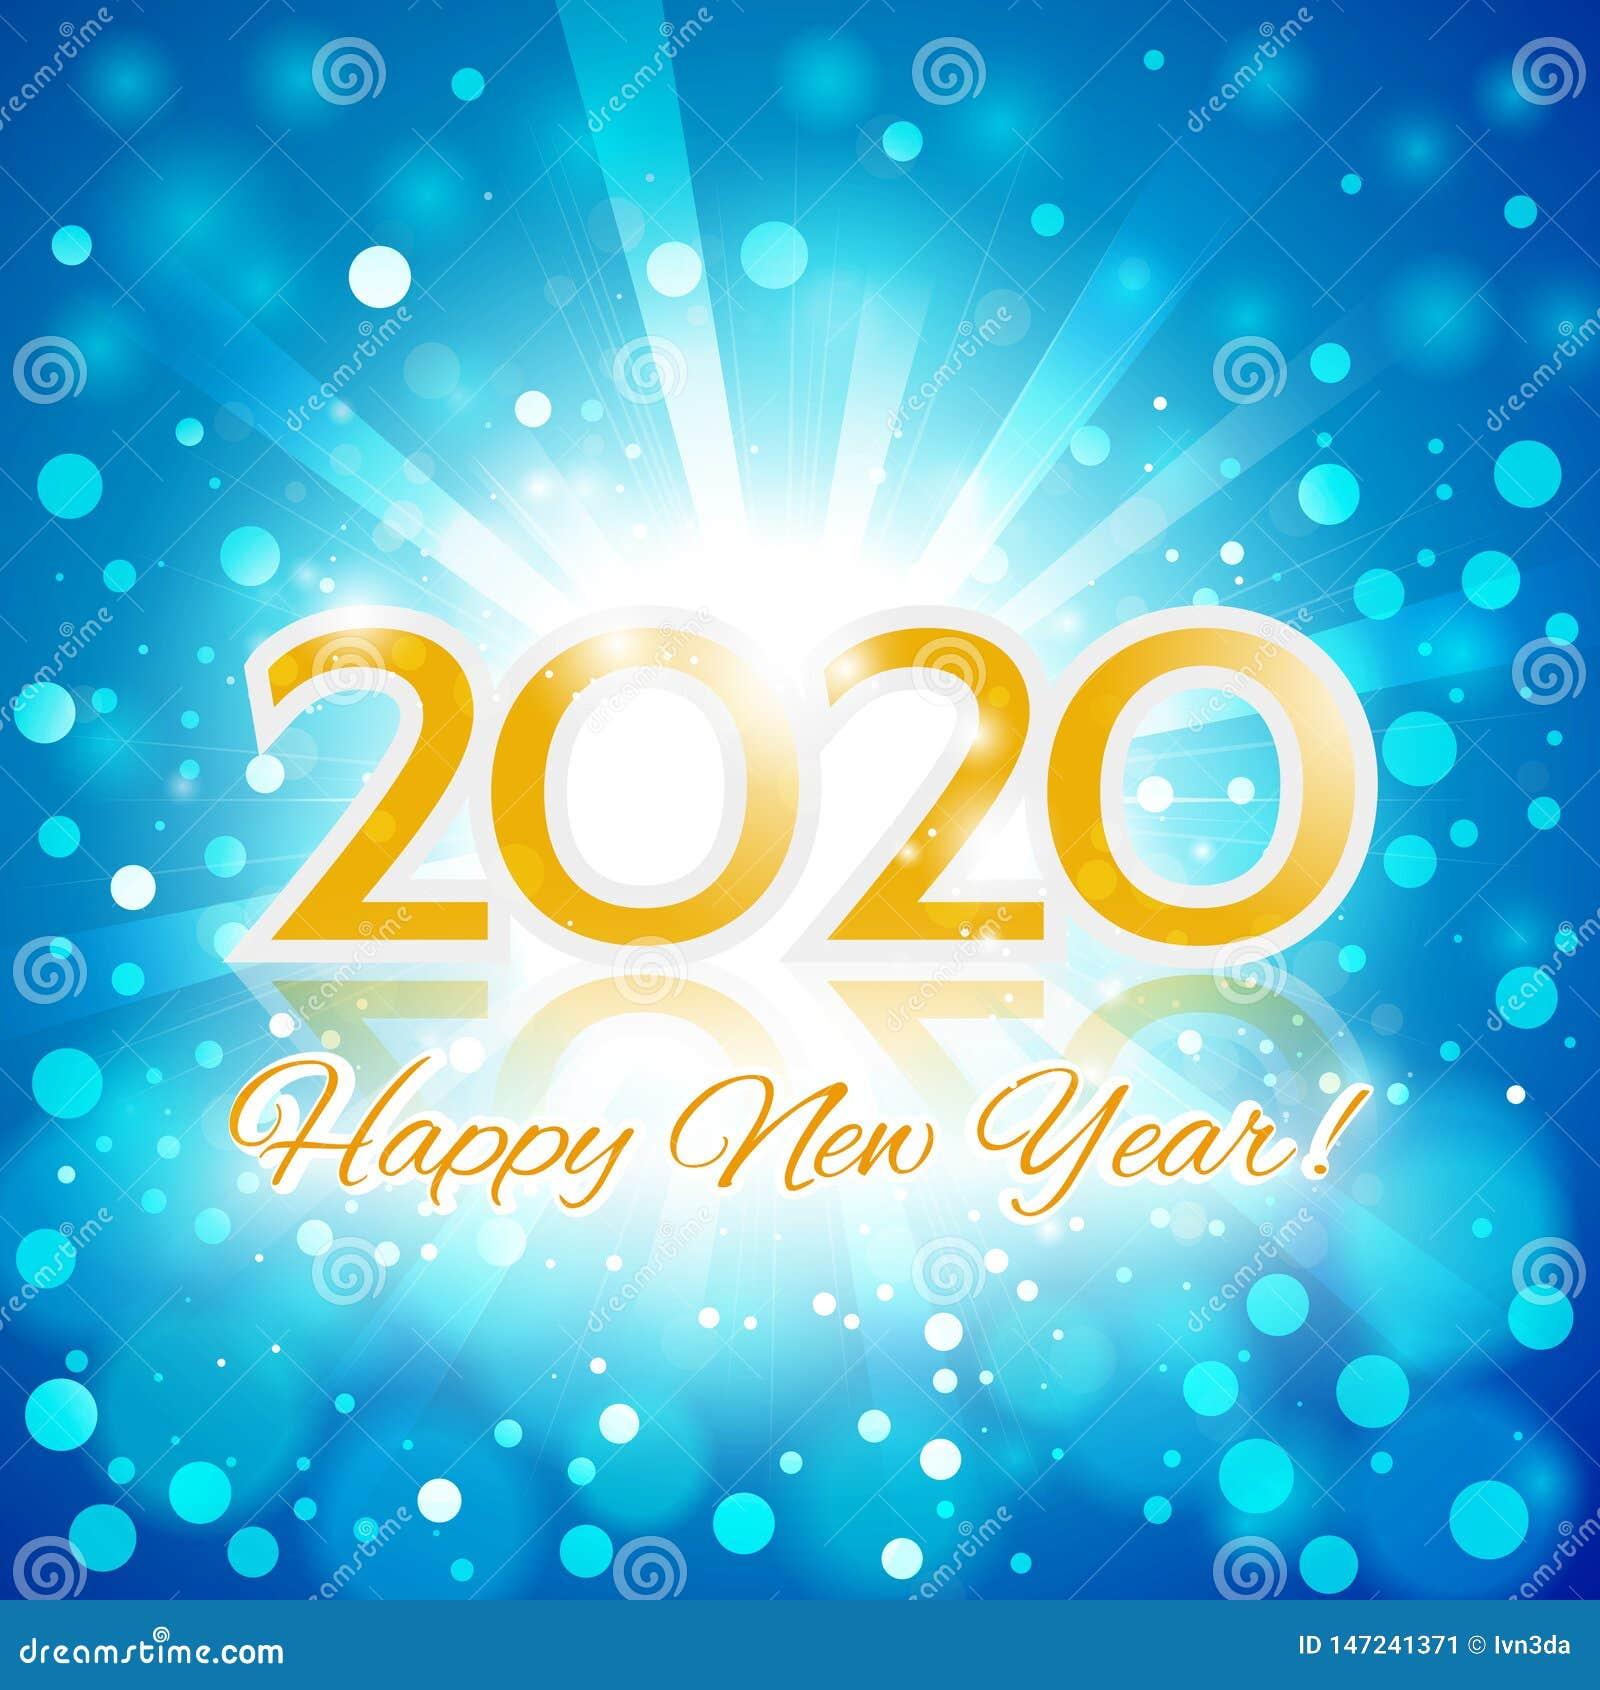 Happy New Year Invitation Card 38